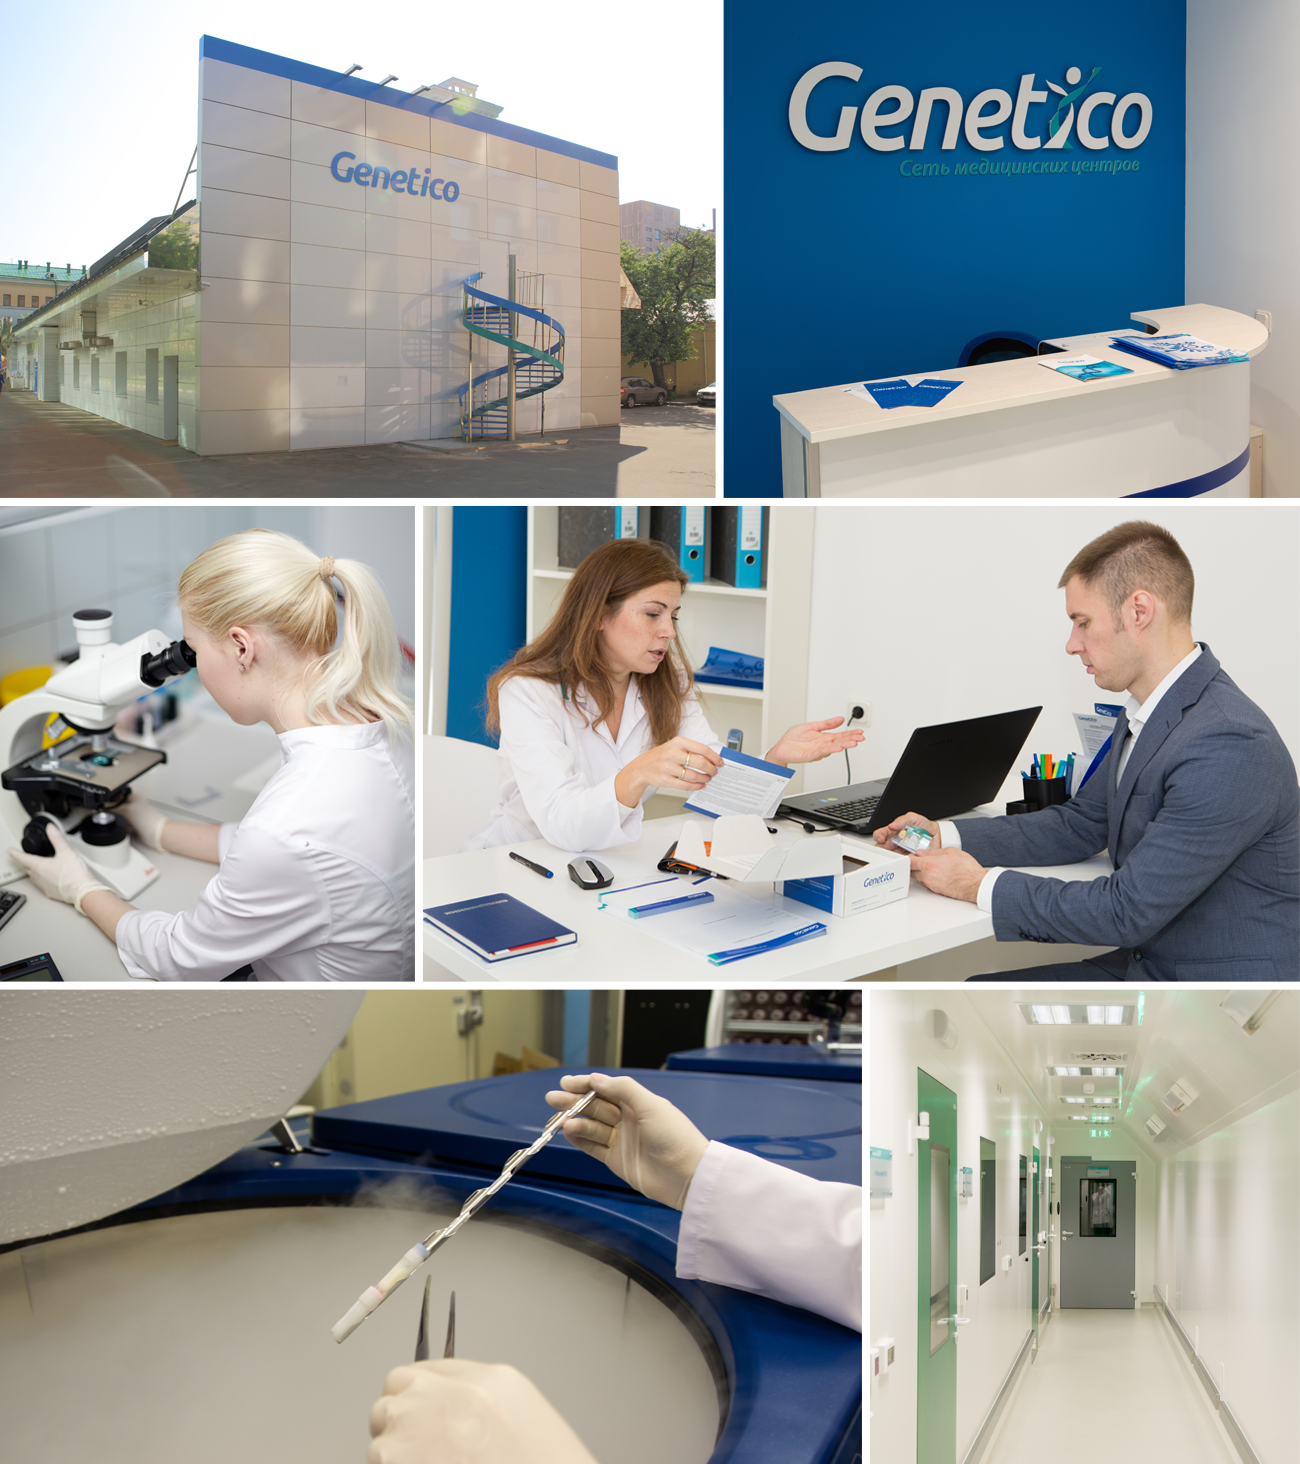 Genetico – это сеть медико-генетических центров